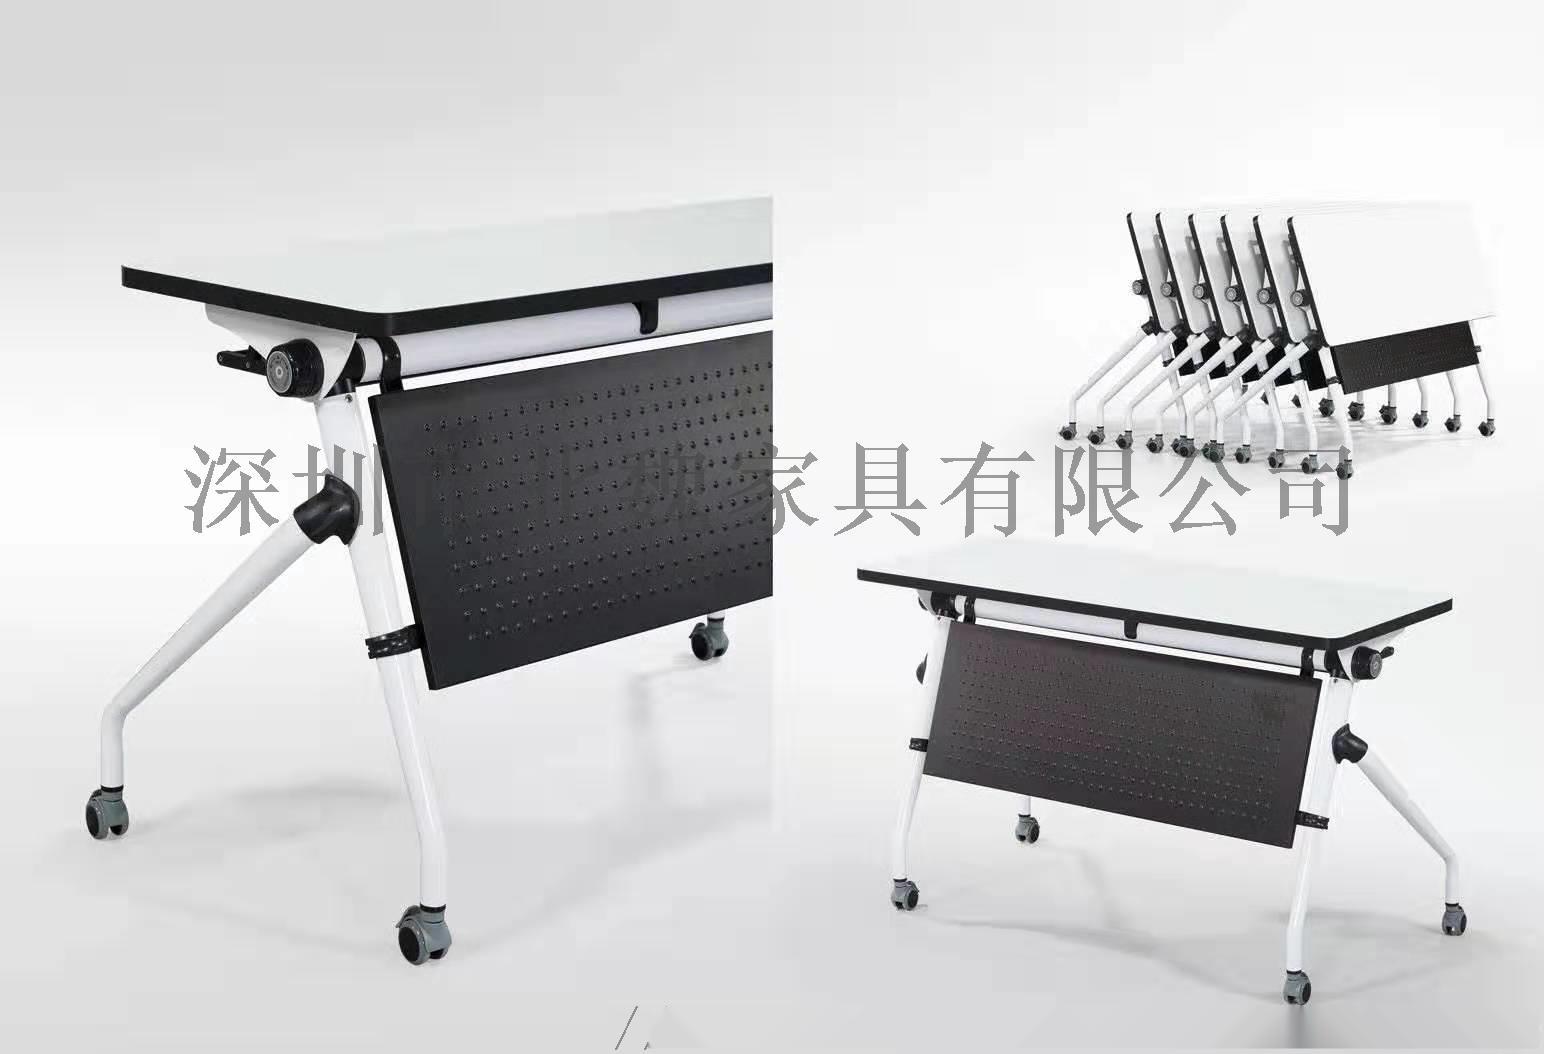 折叠培训桌|可折叠培训台|广东培训桌生产厂家123069525